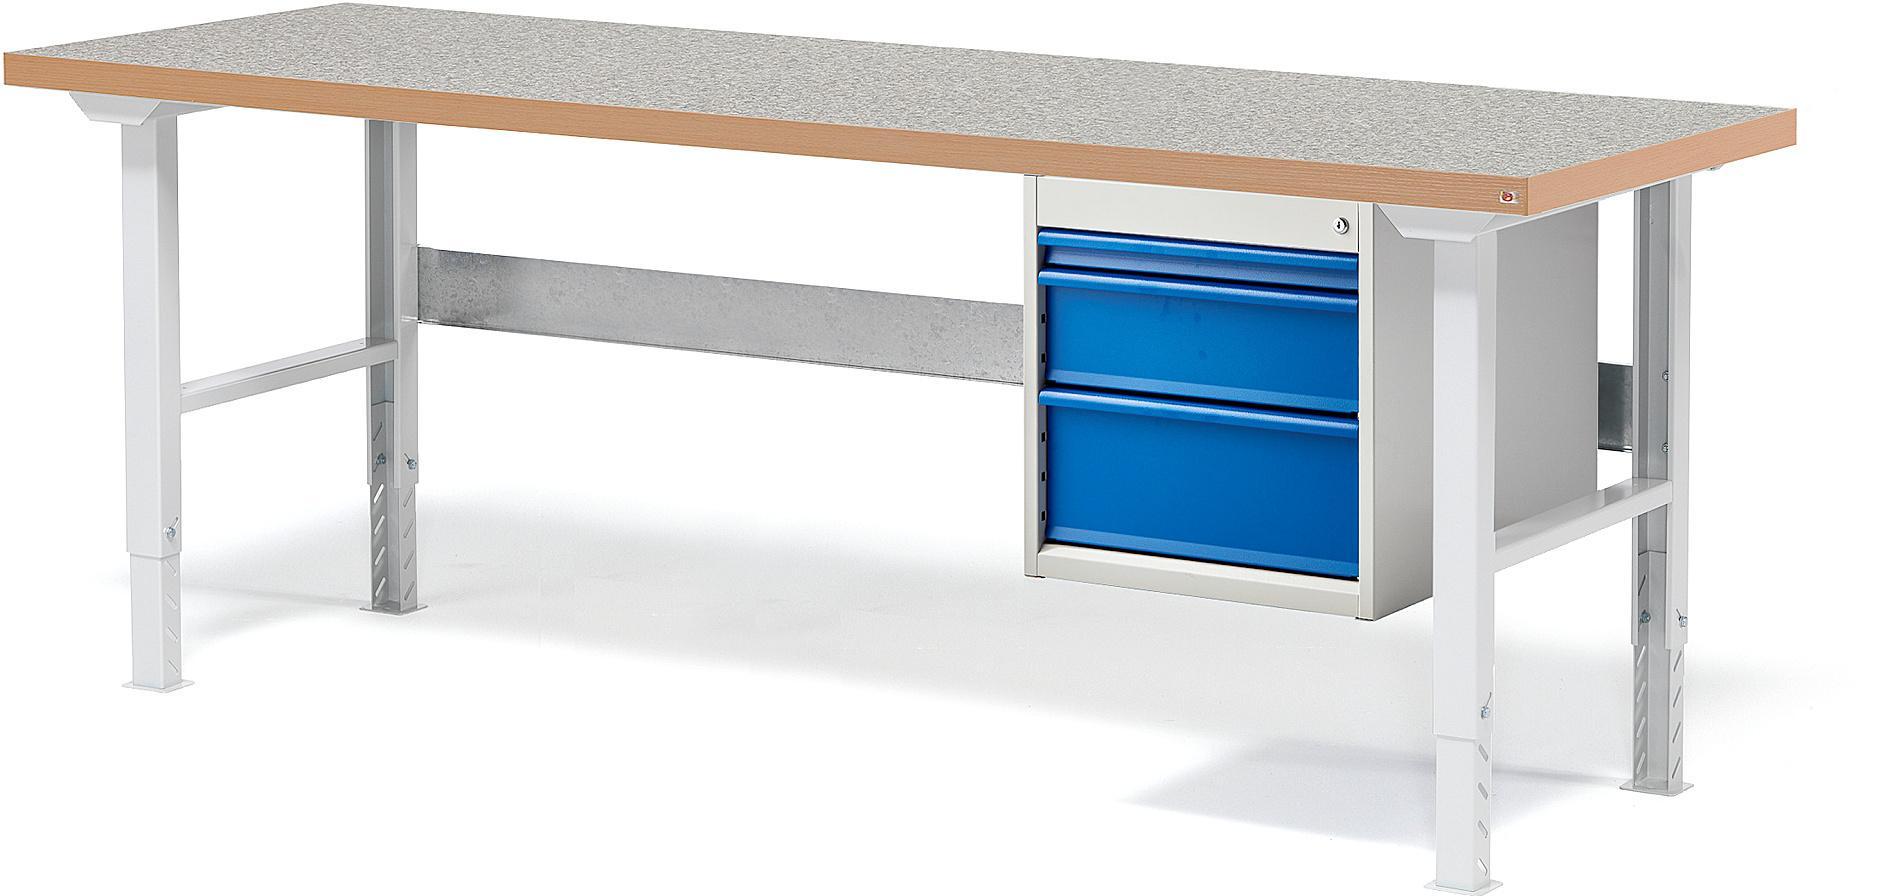 Dielenský stôl Solid s 3 zásuvkami, nosnosť 500 kg, 2000x800 mm, vinyl